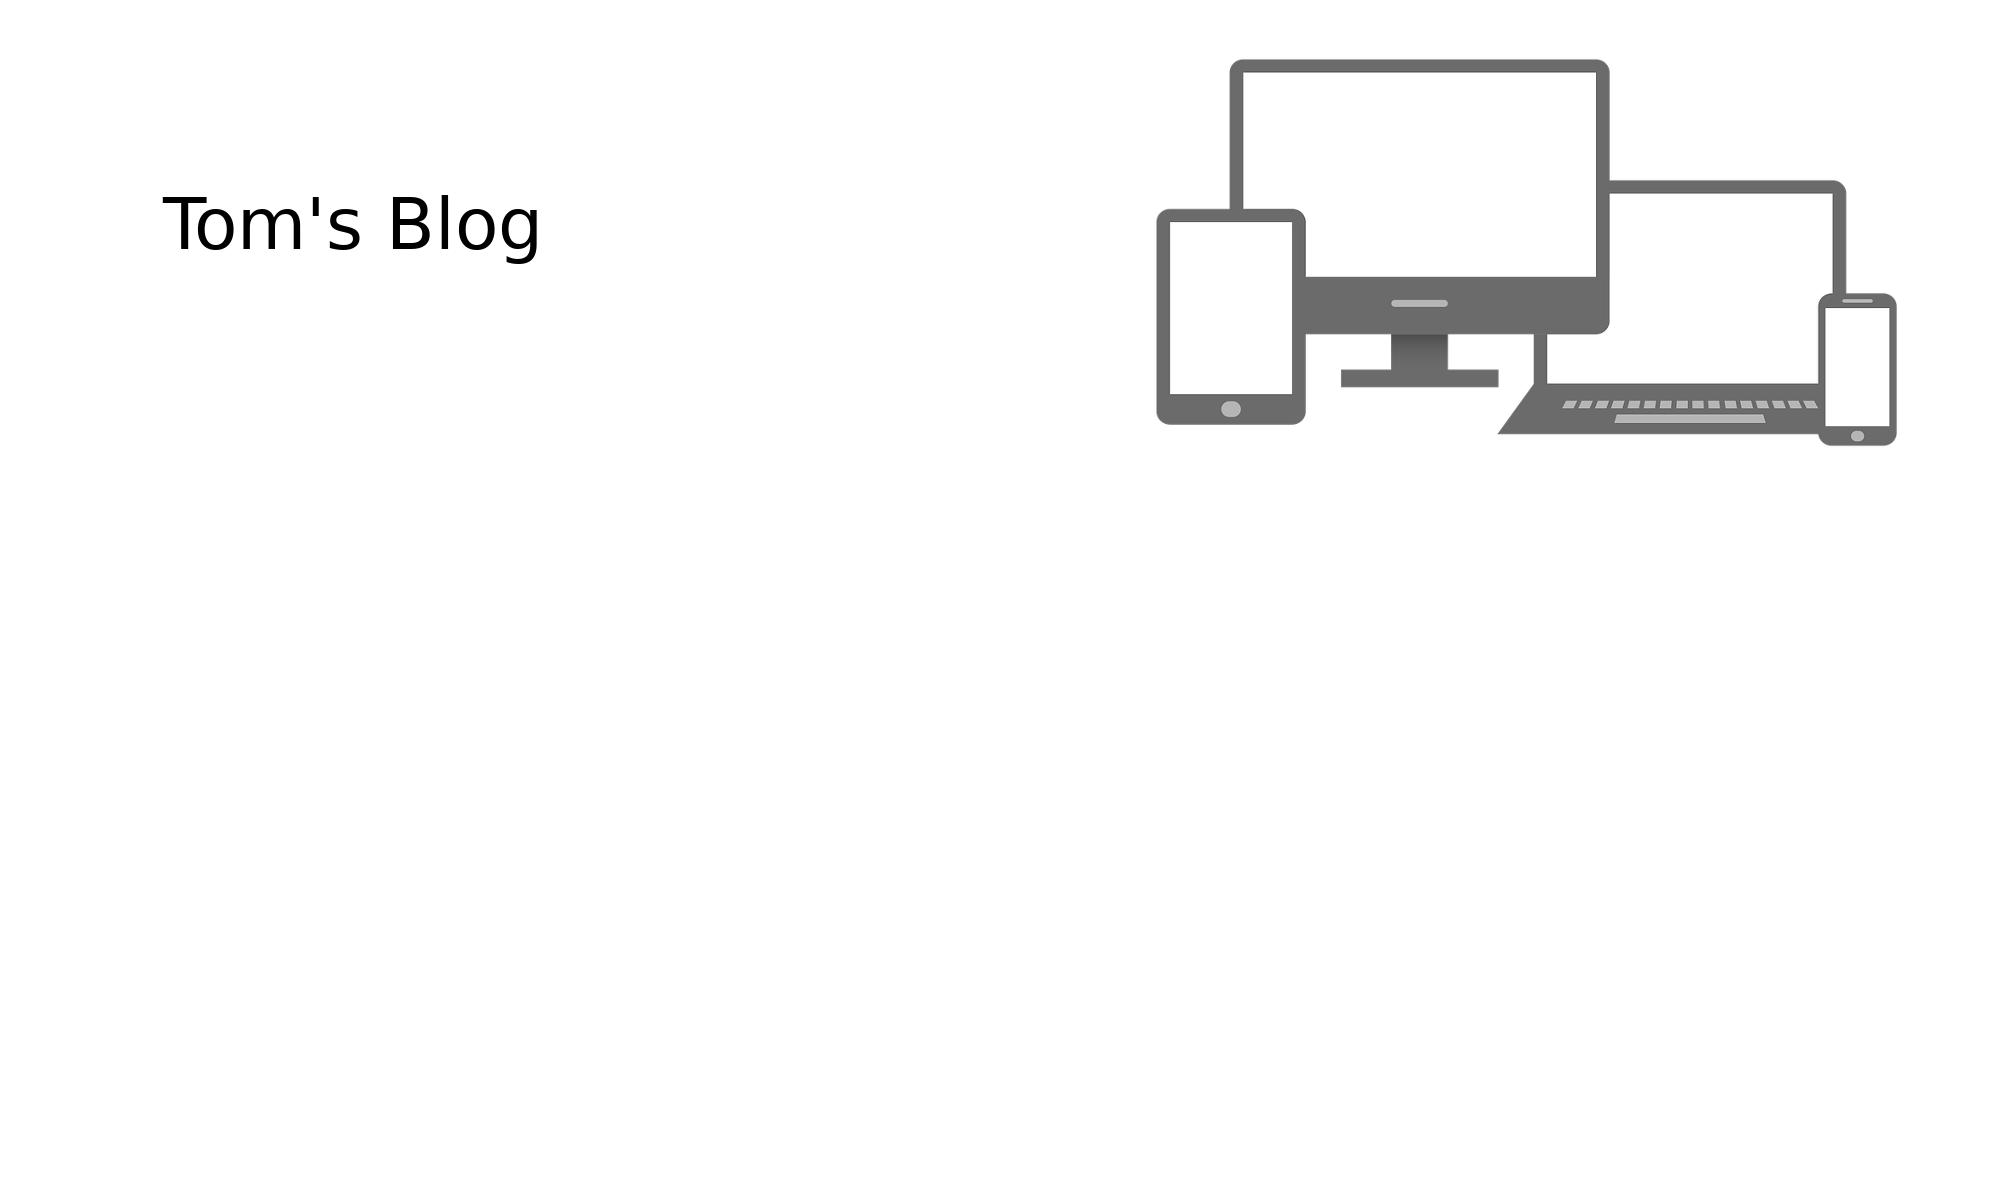 Tom's Blog